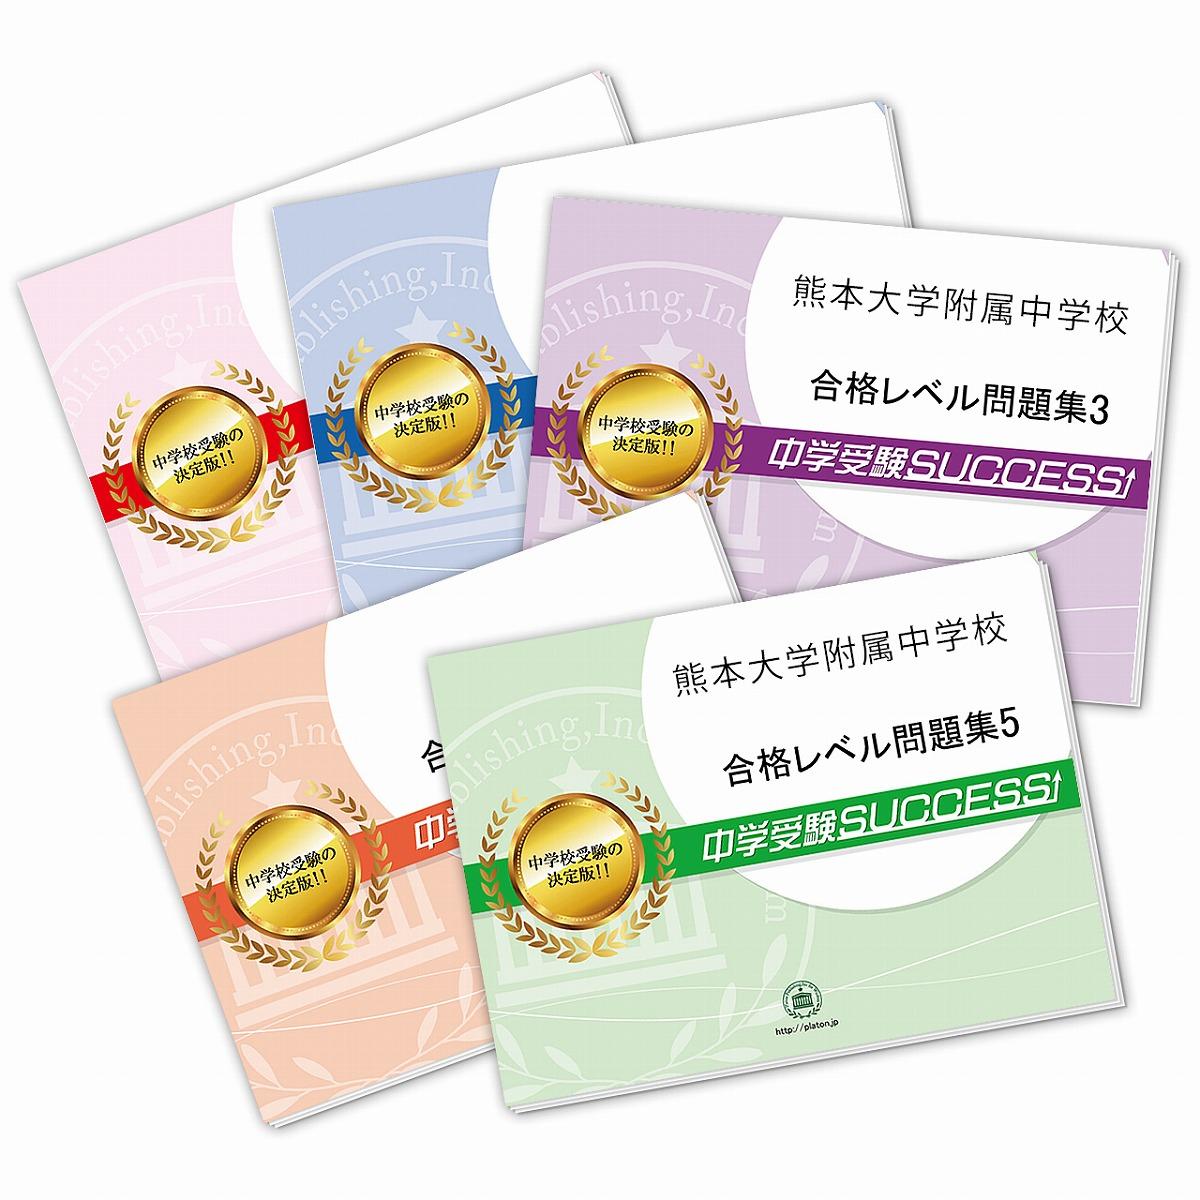 送料 代引手数料無料 熊本大学附属中学校 直前対策合格セット 5冊 4年保証 ※アウトレット品